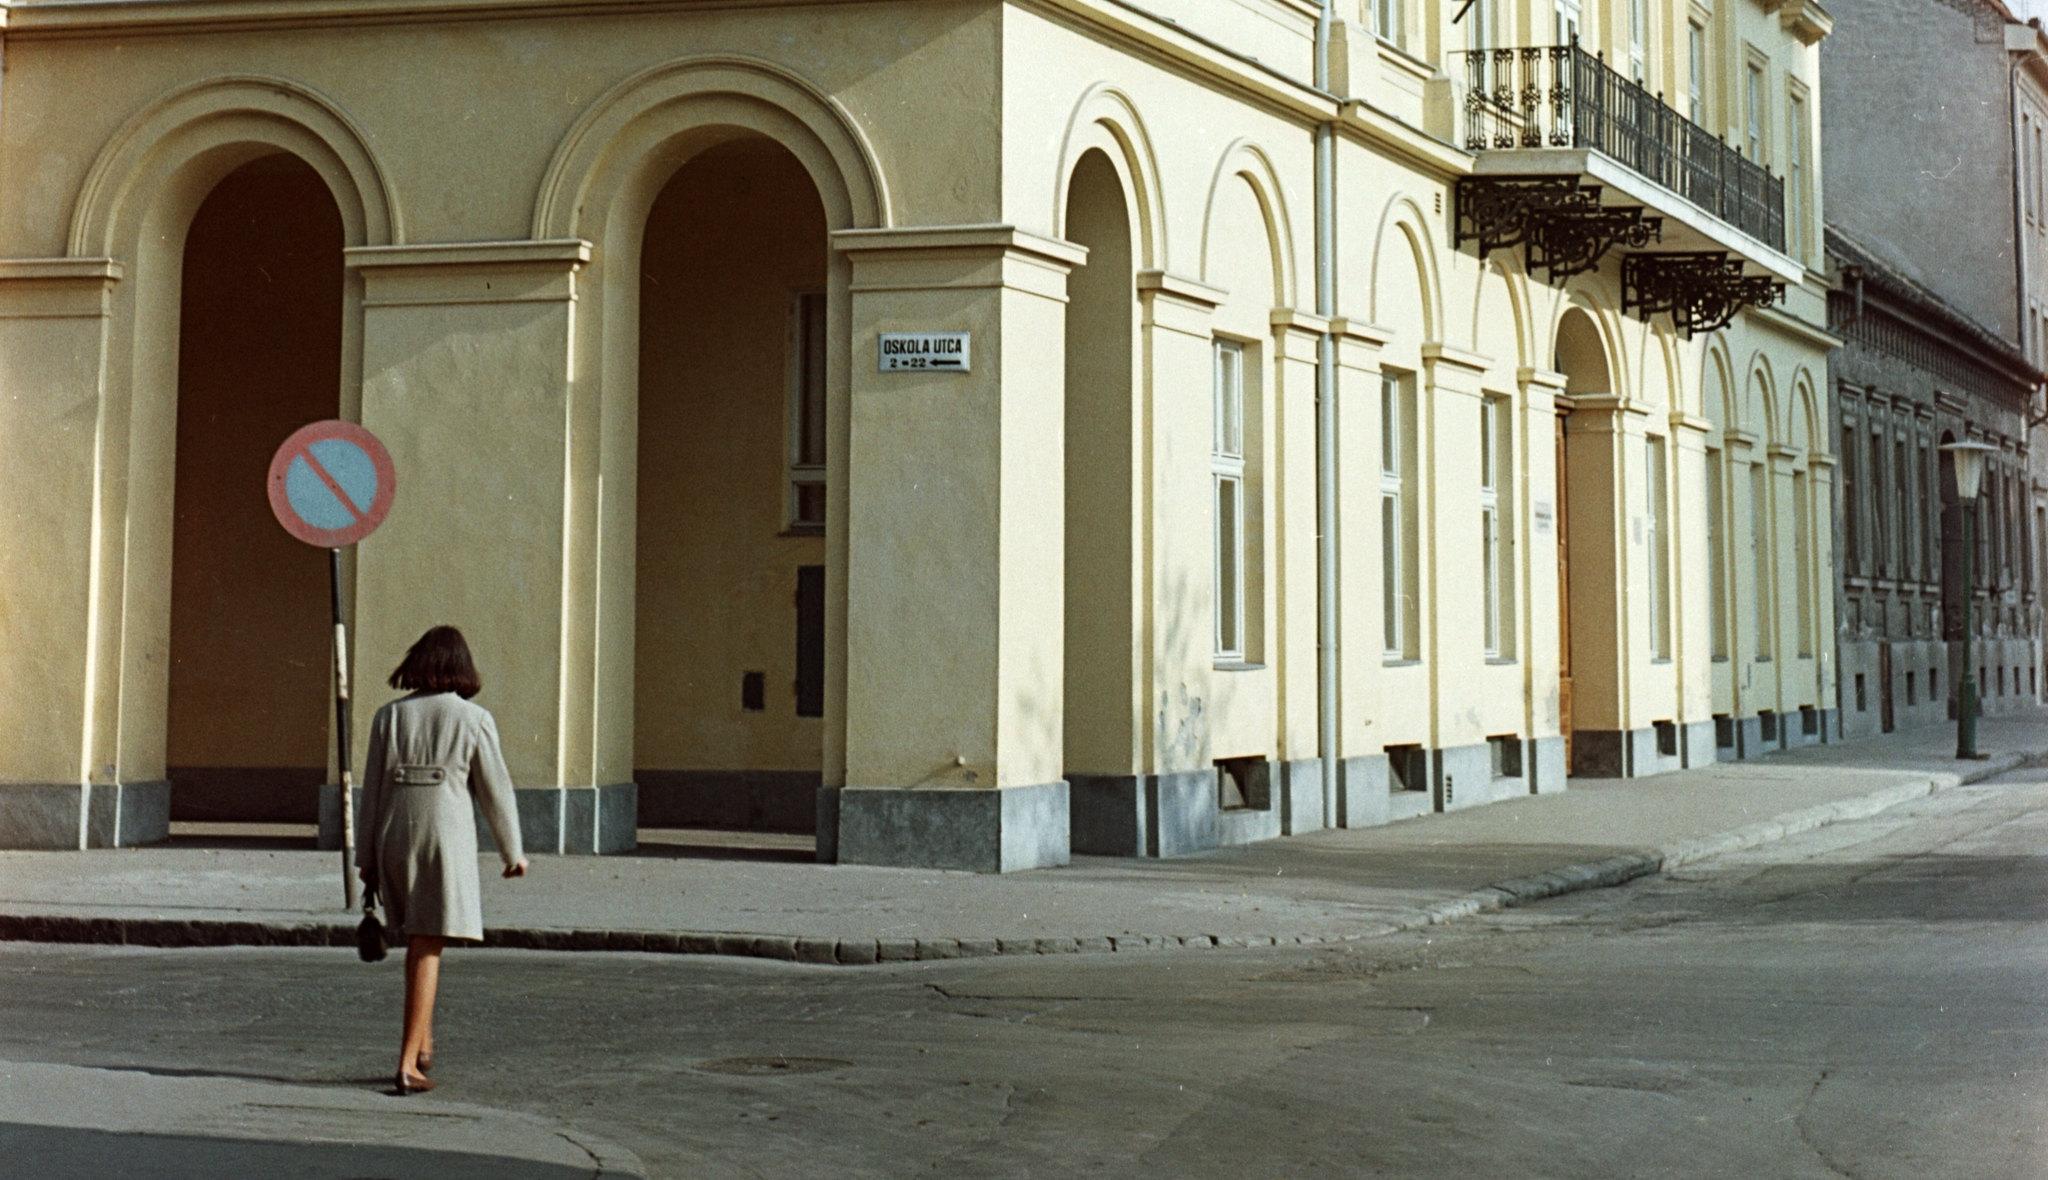 Emlékszünk még hogy hívták Szeged utcát a rendszerváltás előtt?